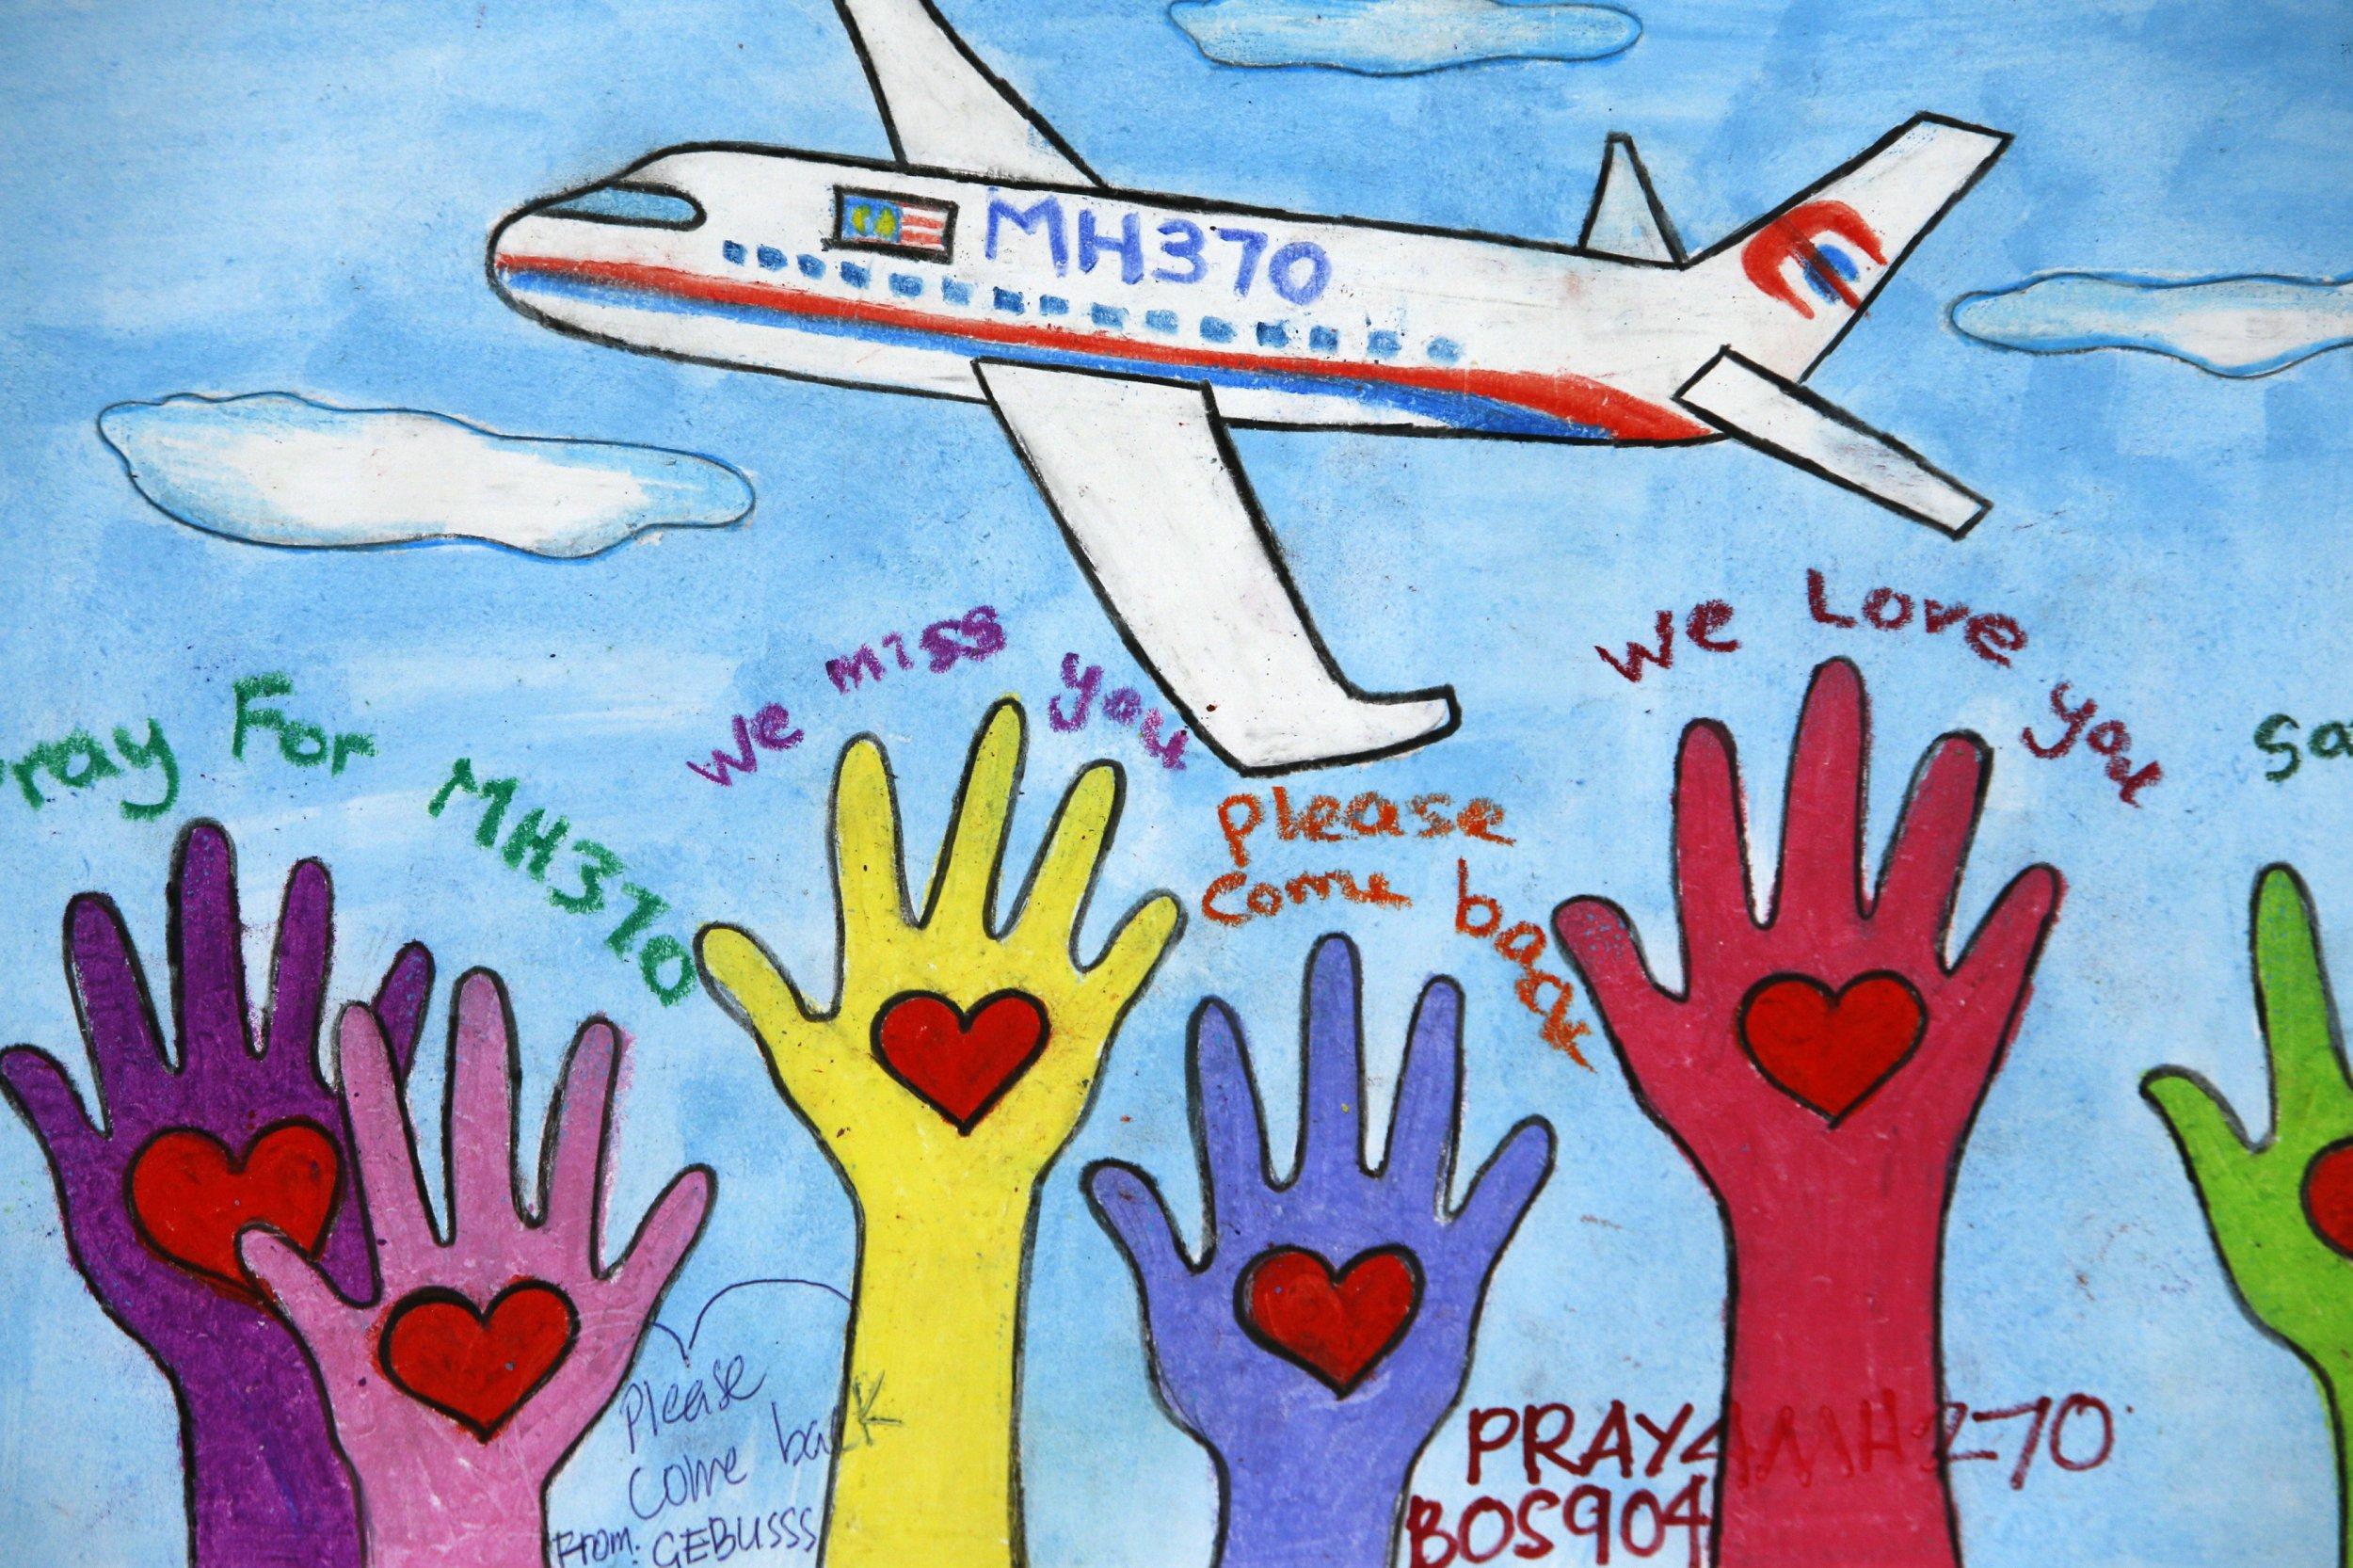 MH370 artwork